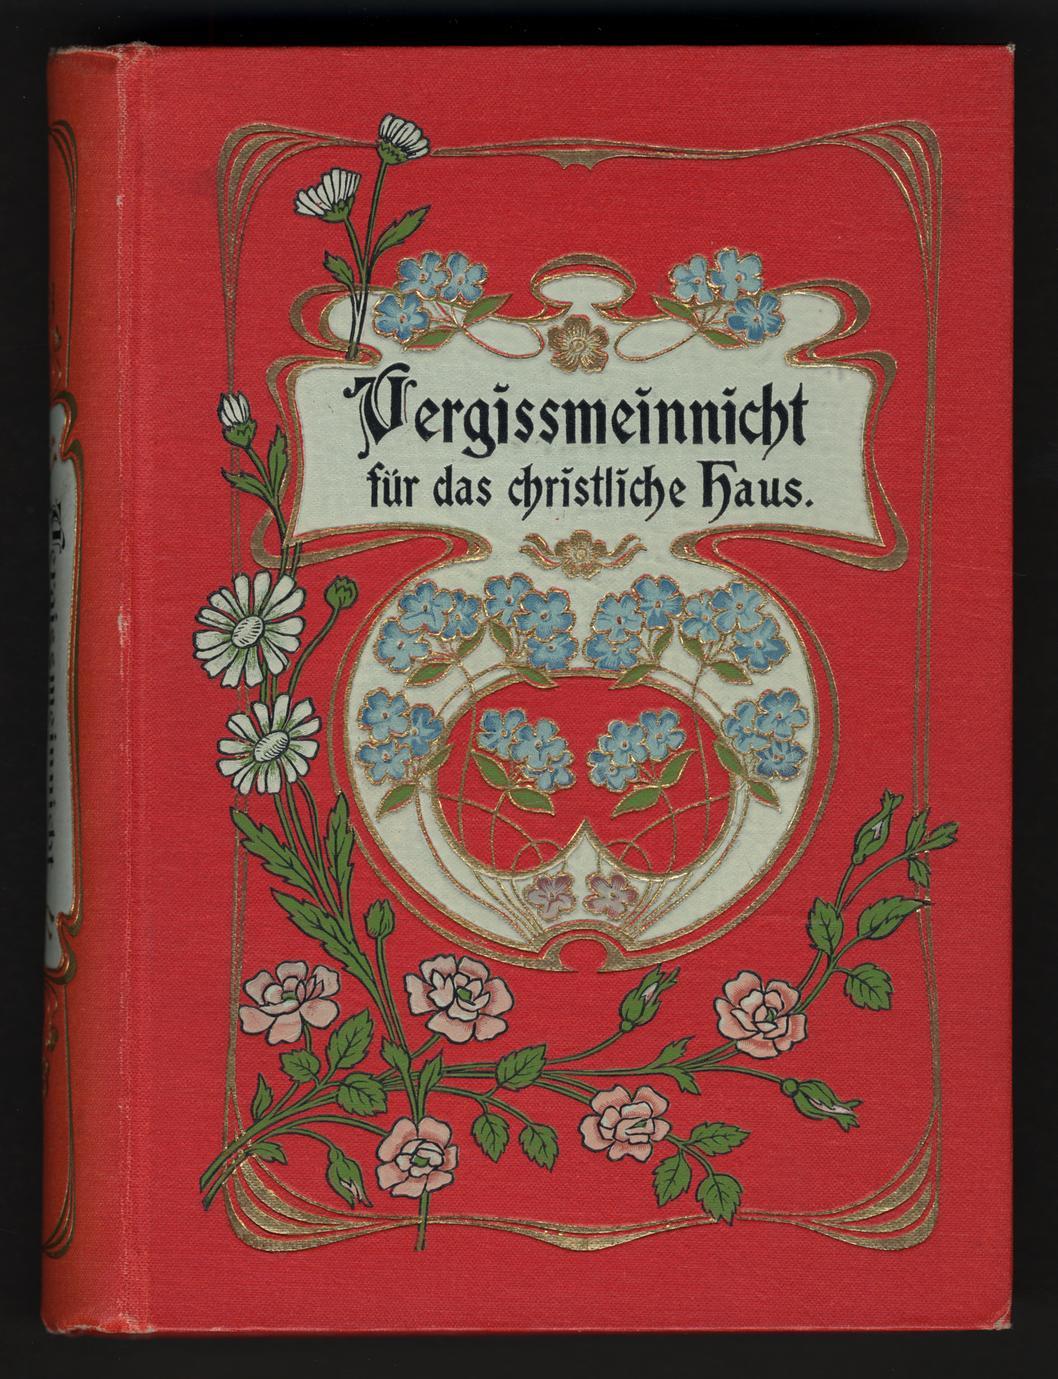 Gedenkbuch für das christliche Haus (1 of 3)